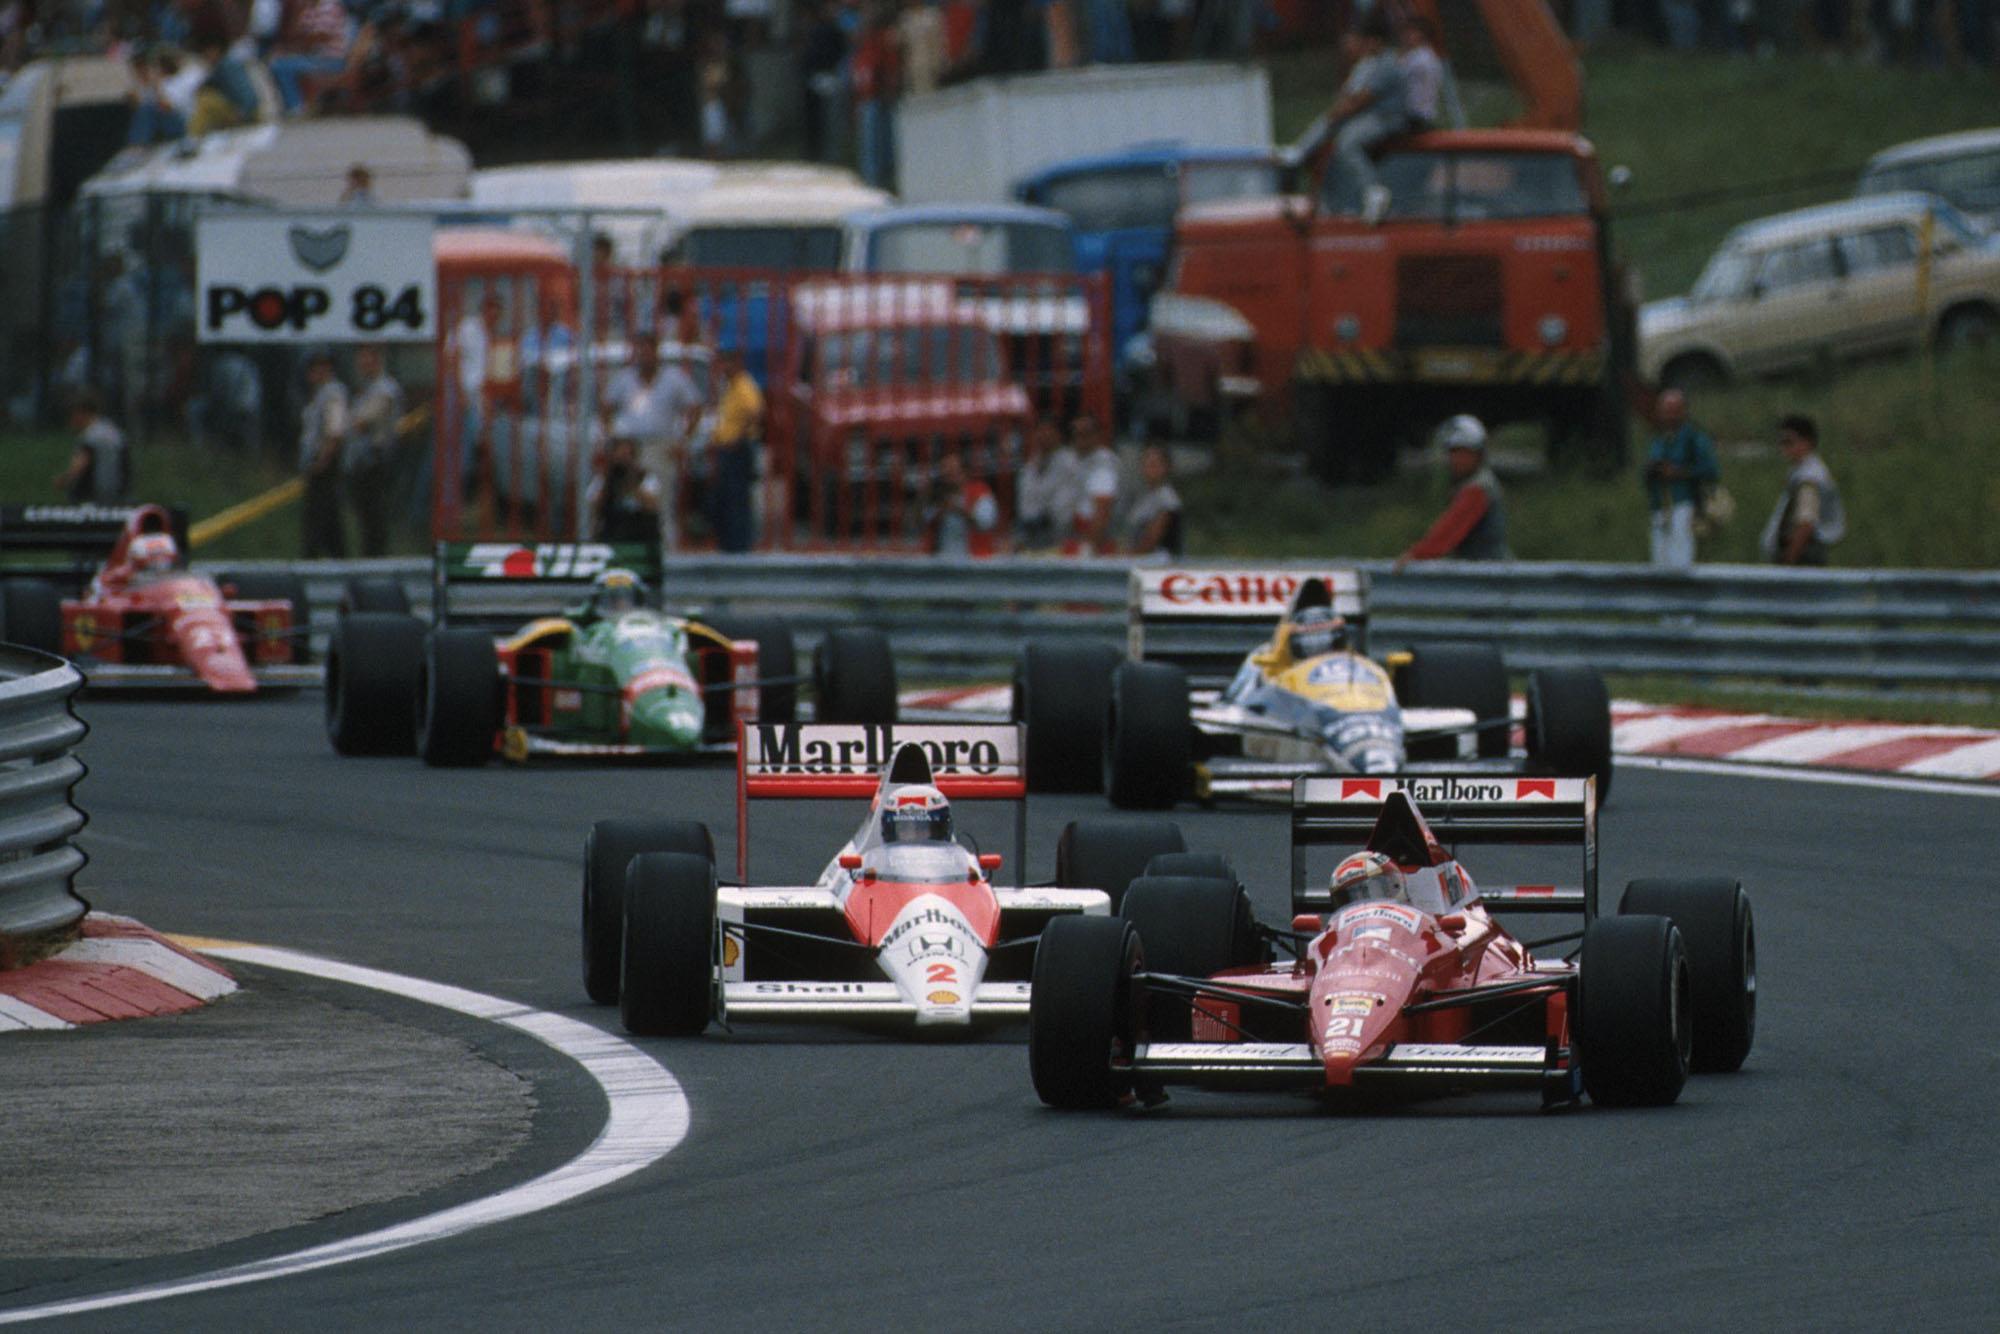 1989 HUN GP Caffi